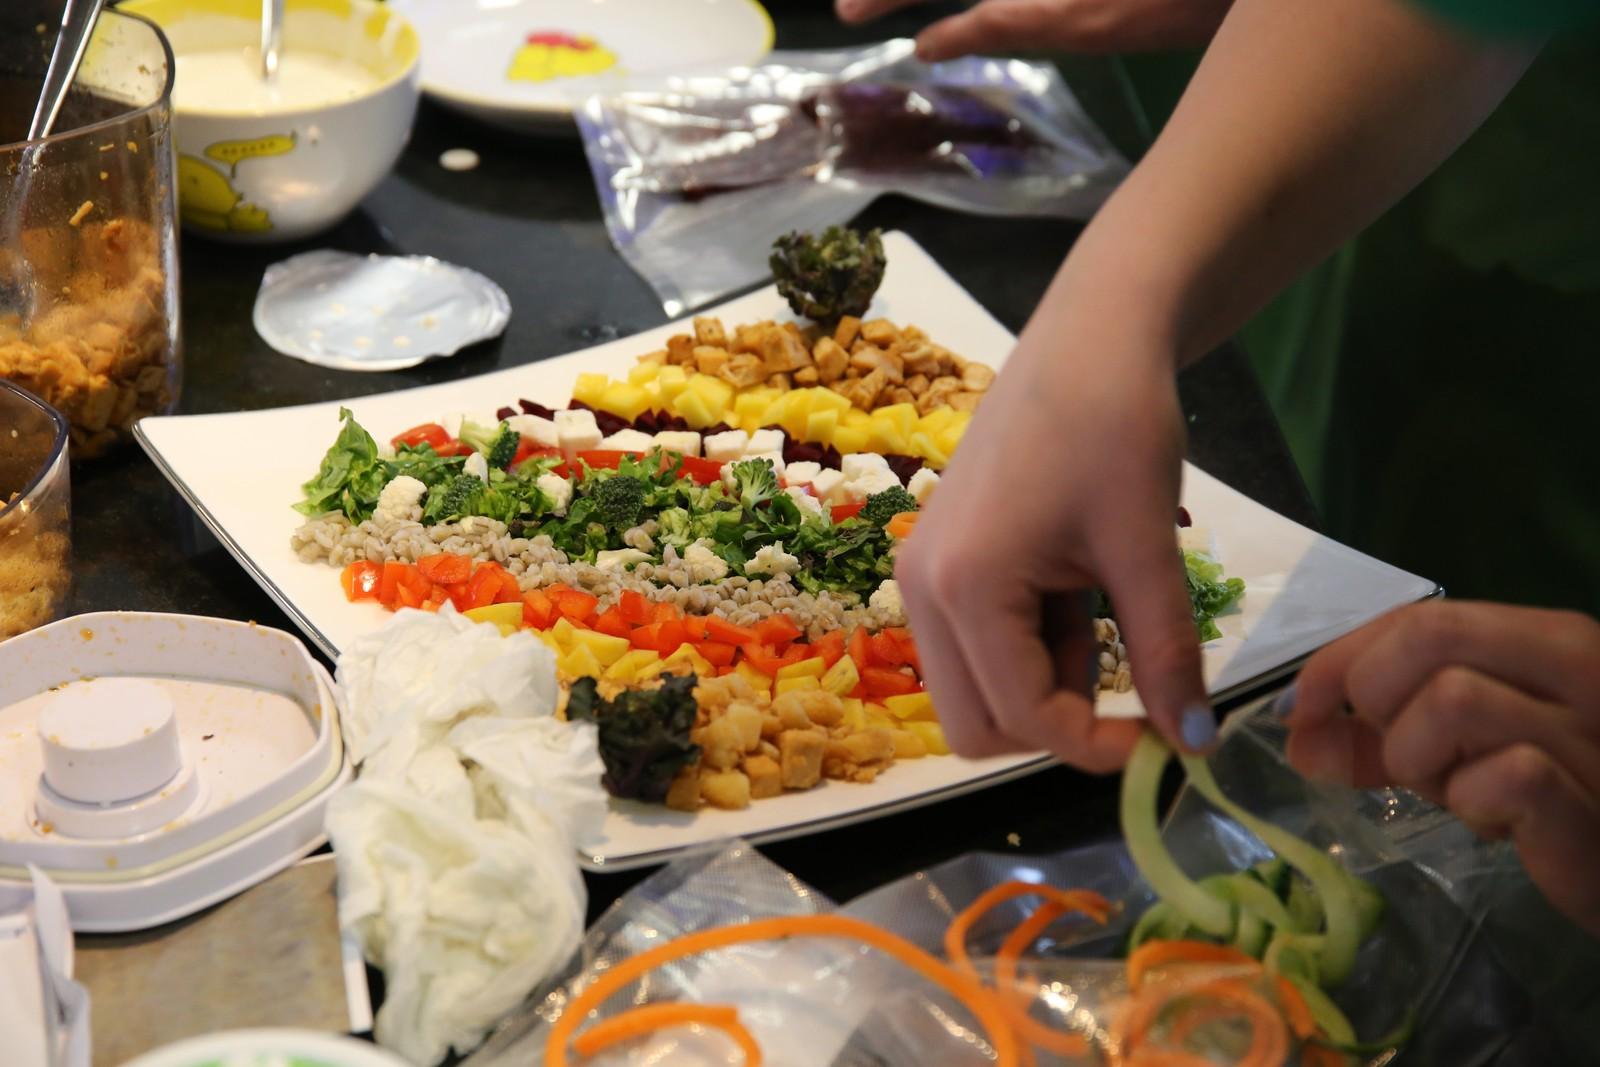 Vinnerlaget fra Raufoss ungdomskole danderer maten.